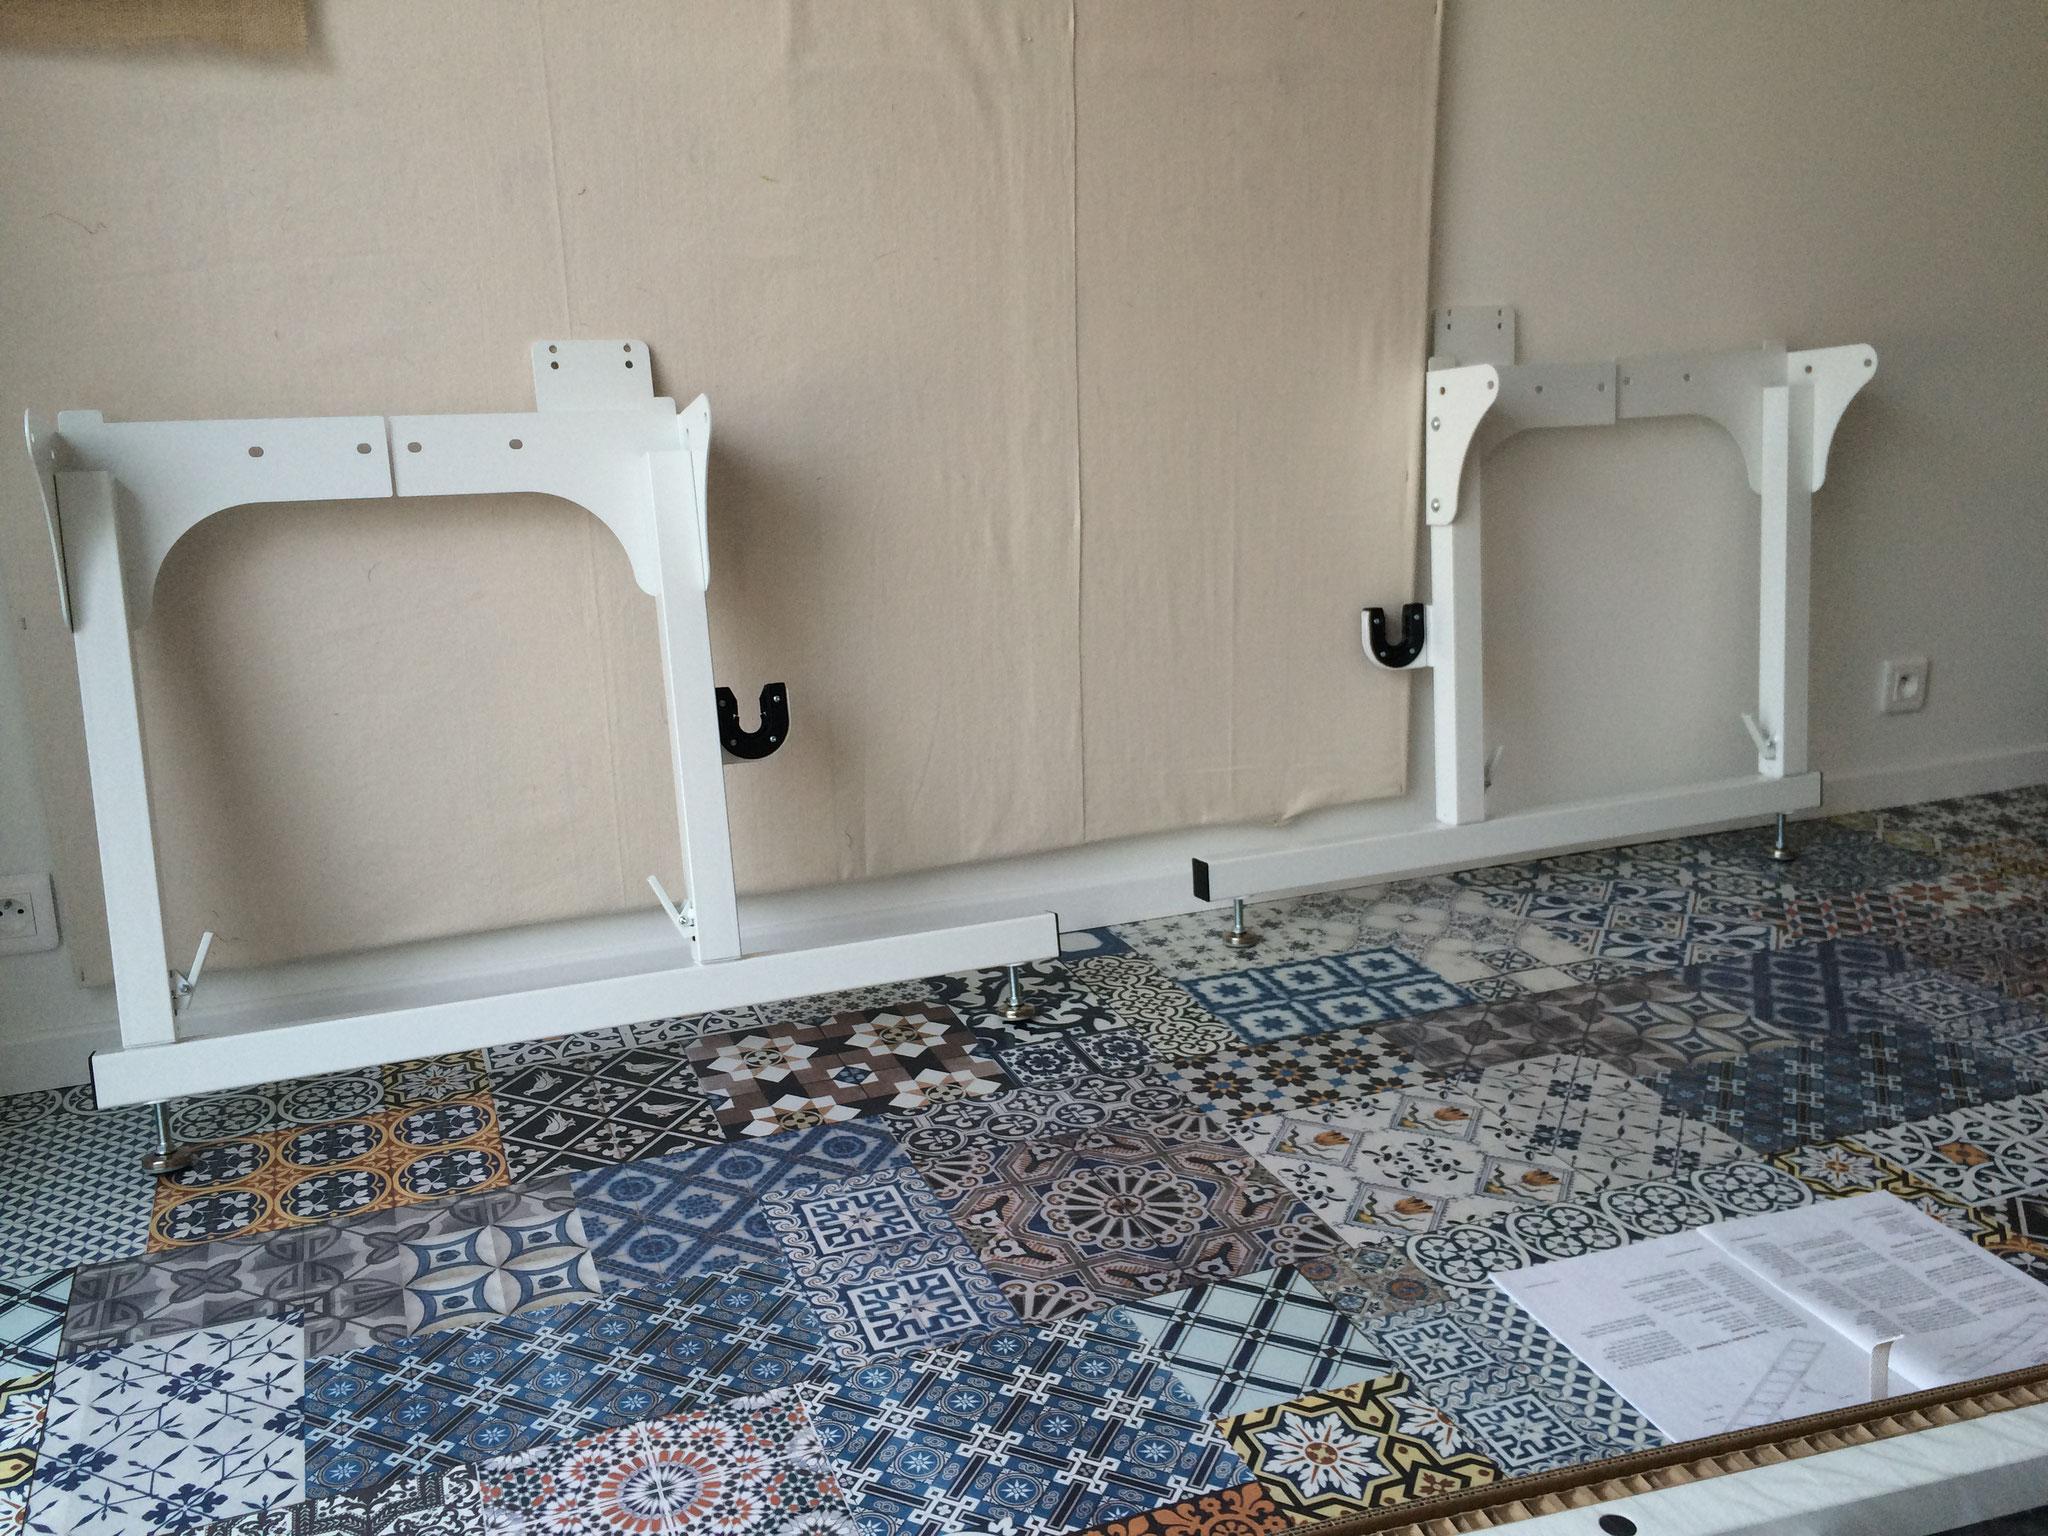 Le début du montage de la long arm de l'atelier Le Quilt émoi. Assemblage des pieds.